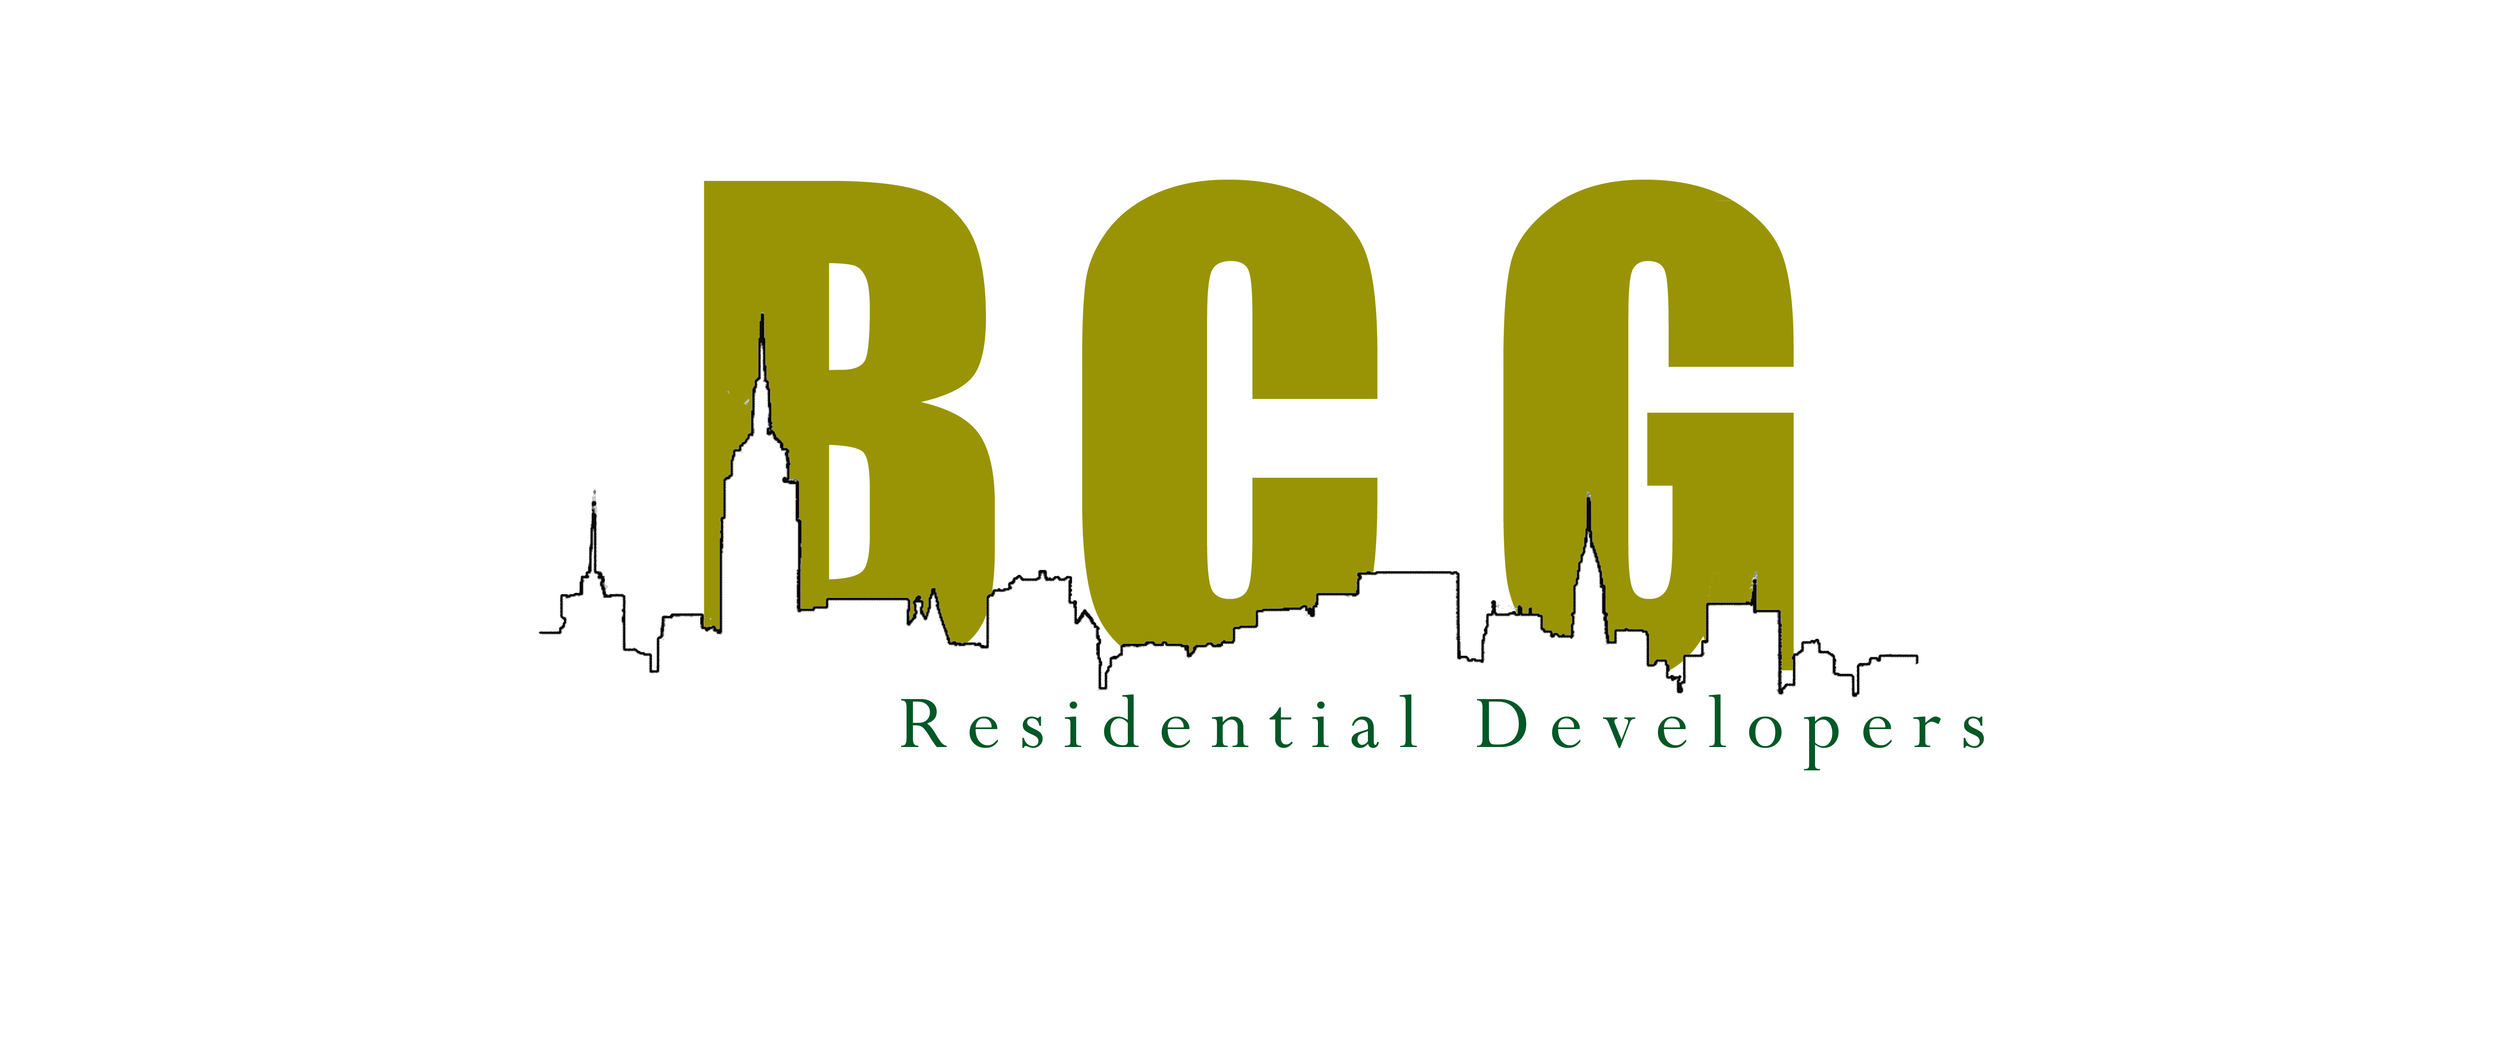 B.C.G. RESIDENTIAL DEVELOPERS LOGO